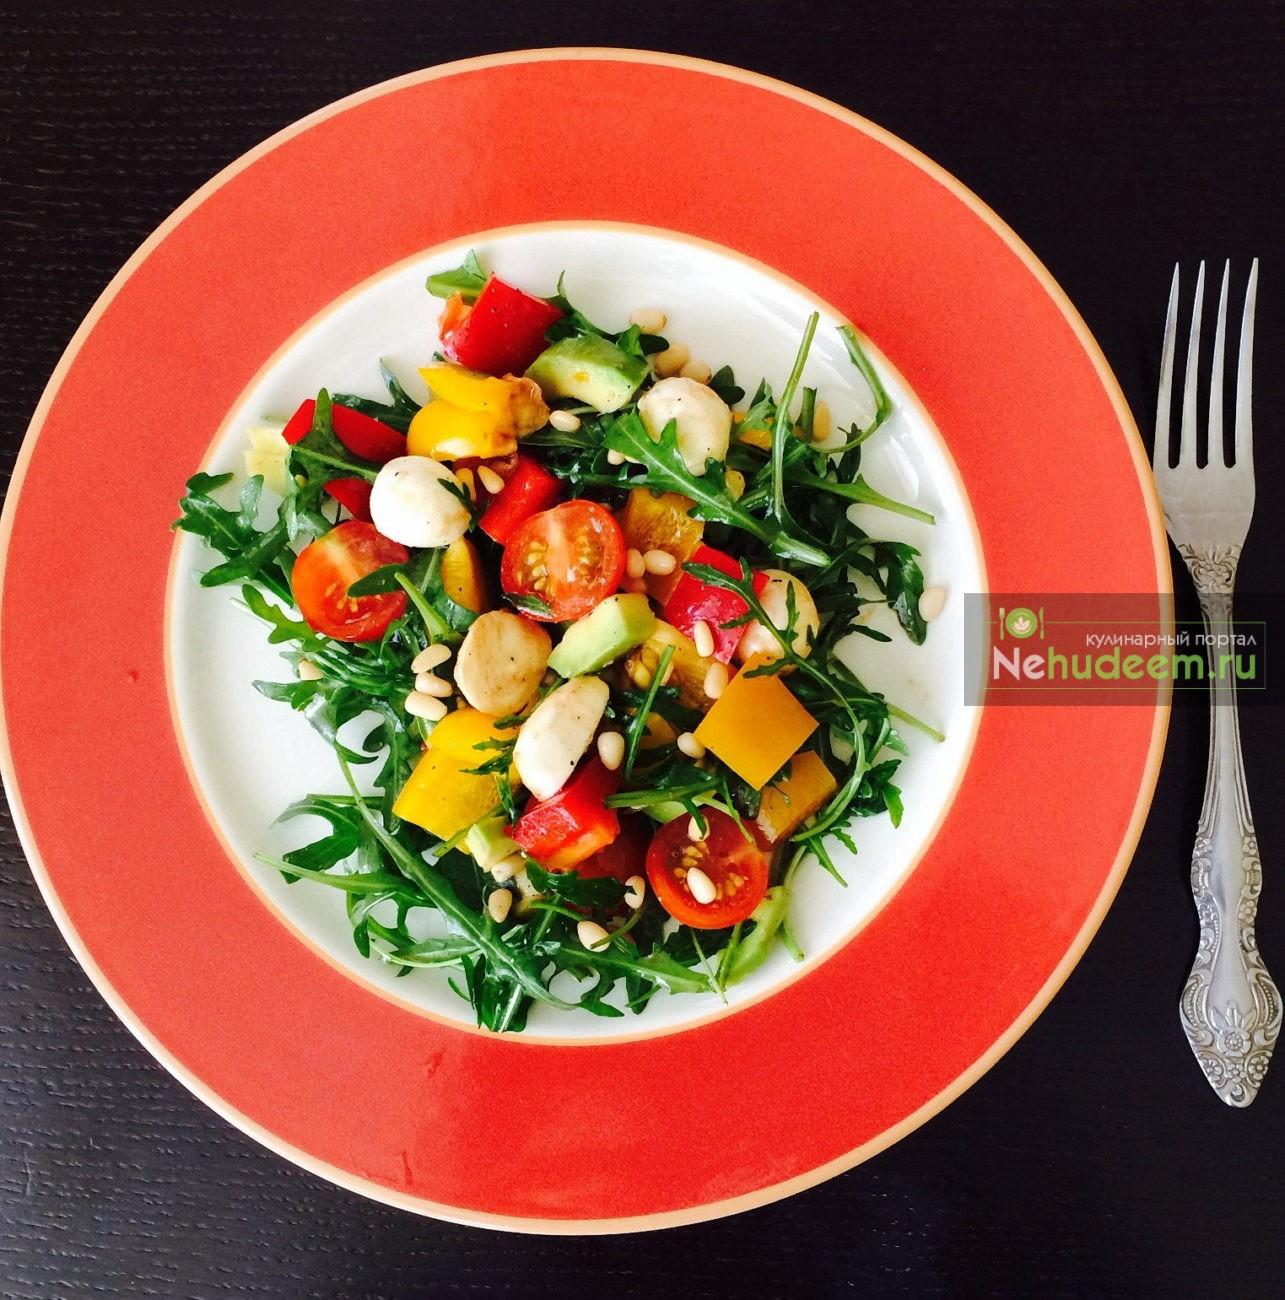 Овощной салат с моцареллой и соусом наршараб